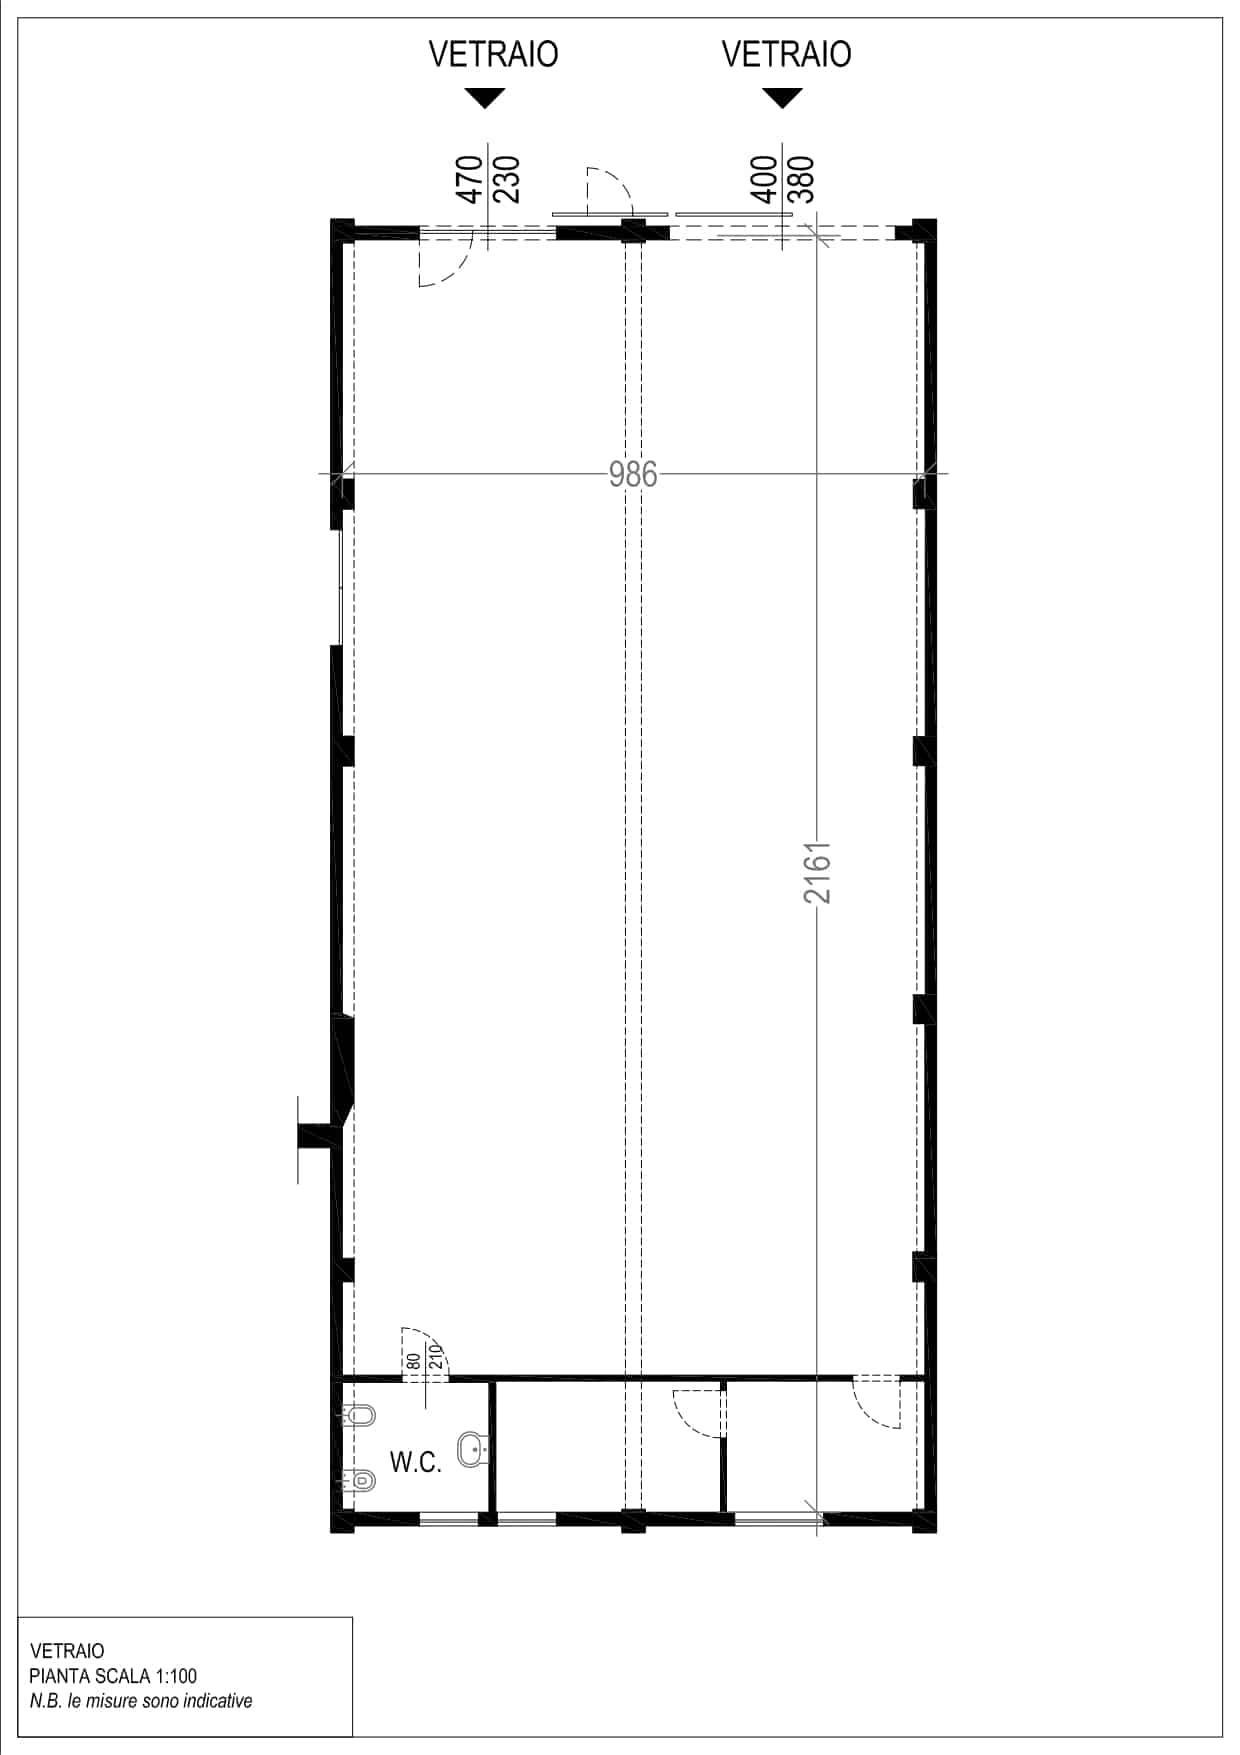 Planimetria Vetraio